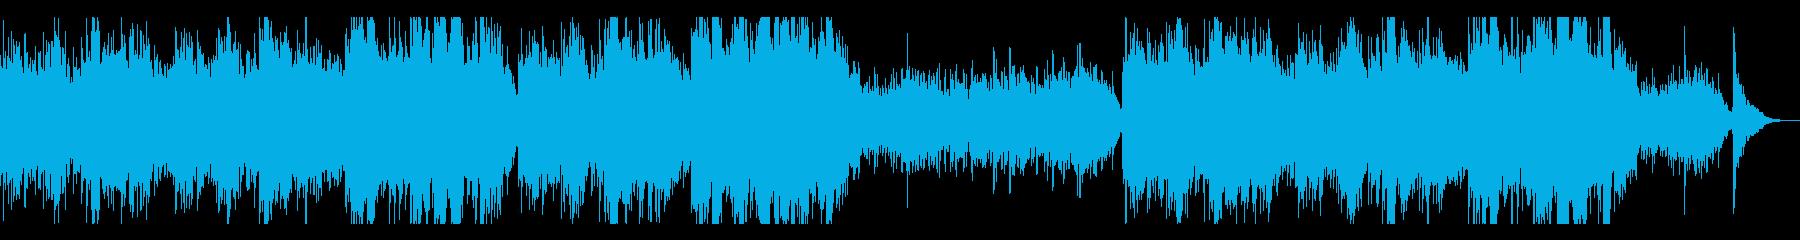 企業VP/会社VP/美しく清々しいBGMの再生済みの波形